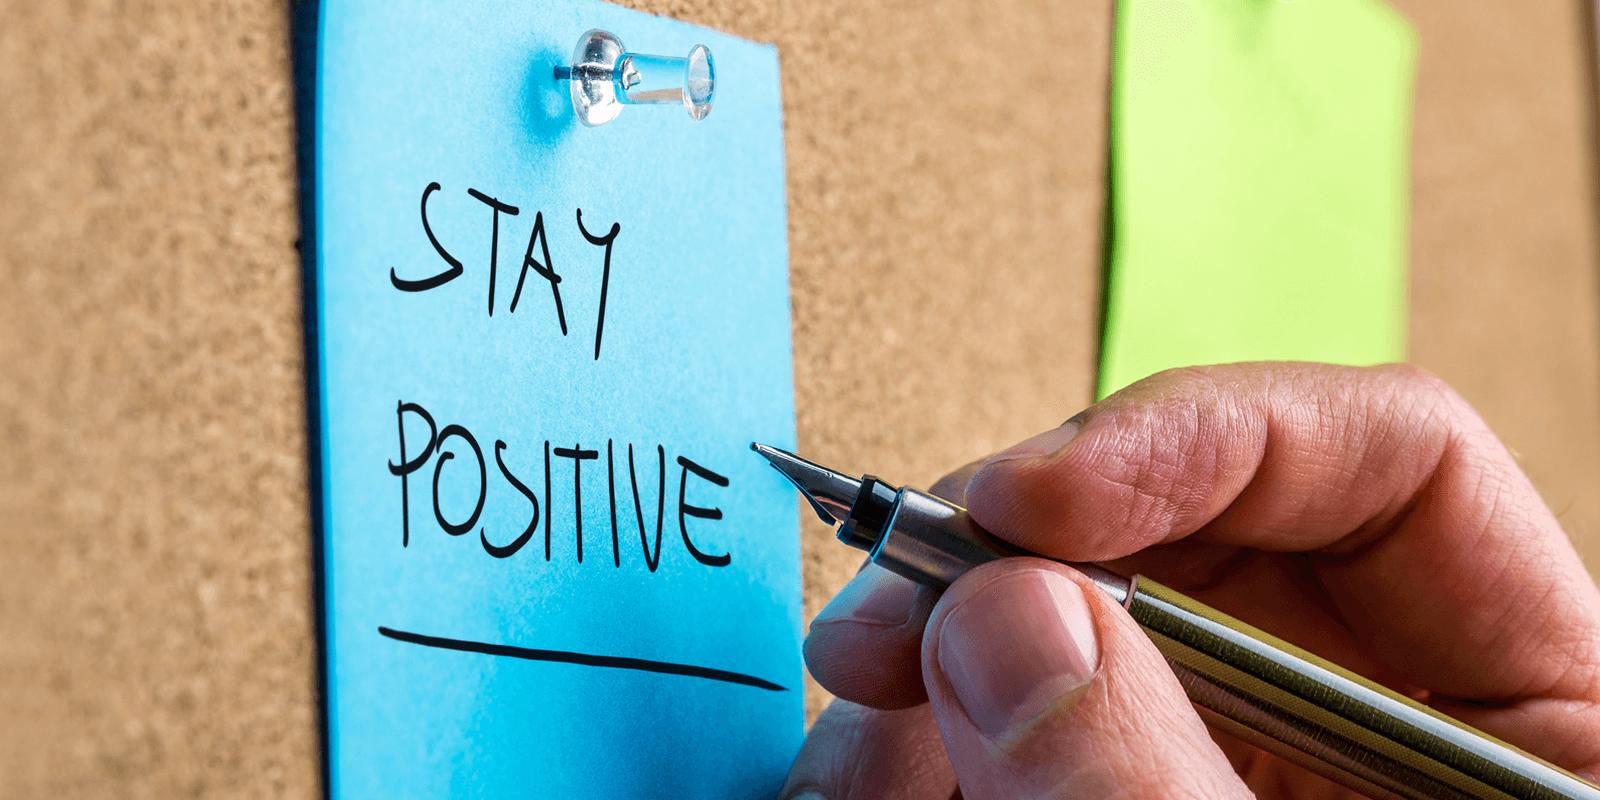 stay positive modelfactory